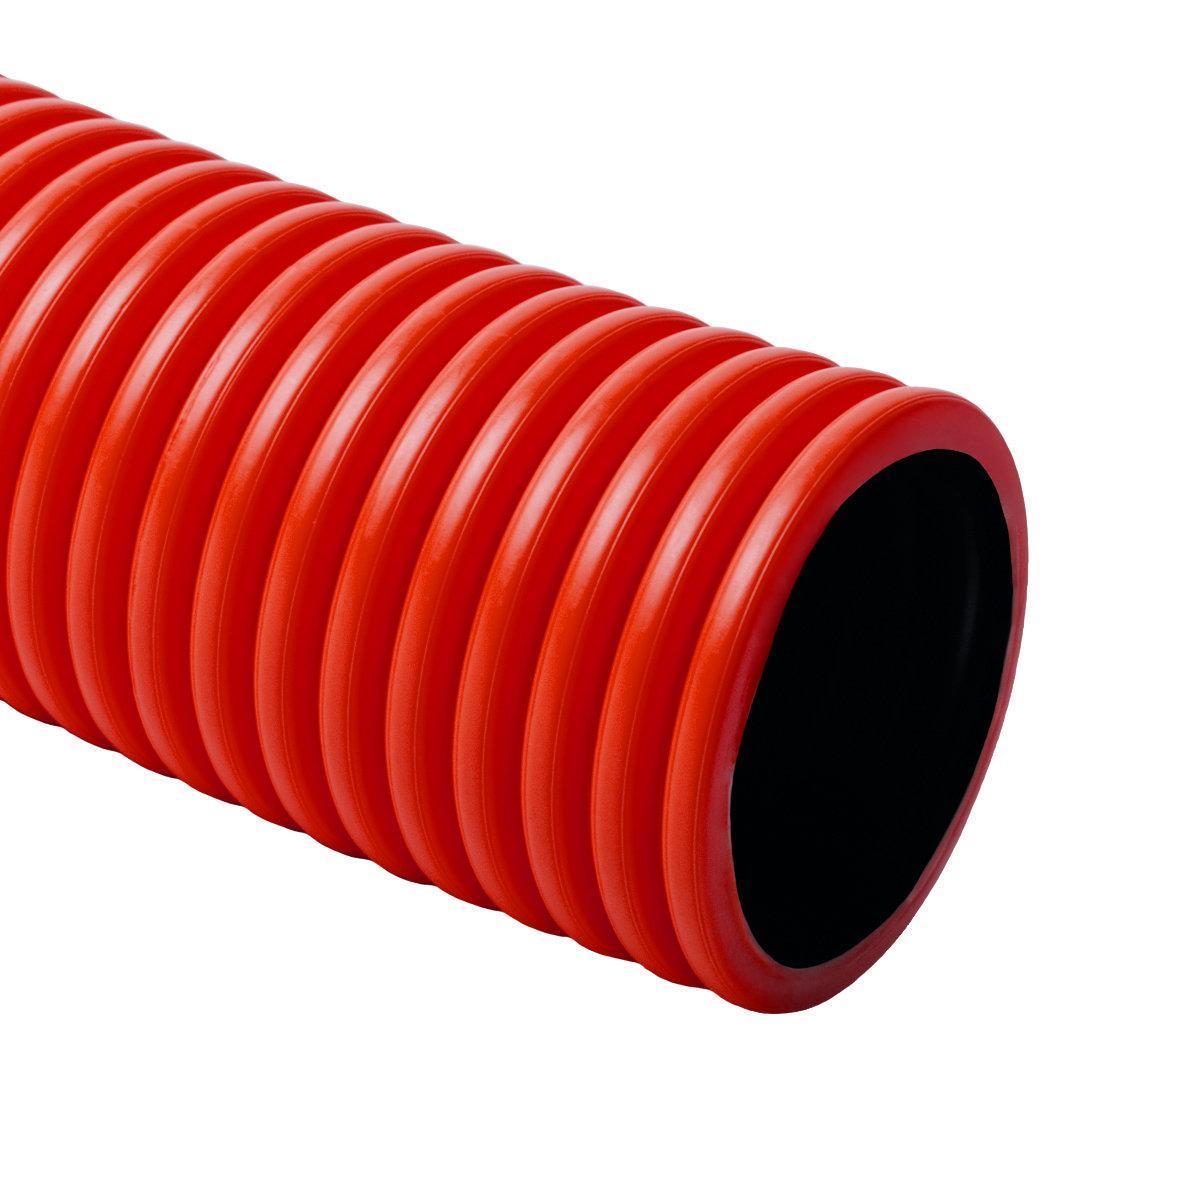 Труба двустенная 50мм Копос Kopoflex KF09050 BA L50 (продается бухтой  по 50 метров)